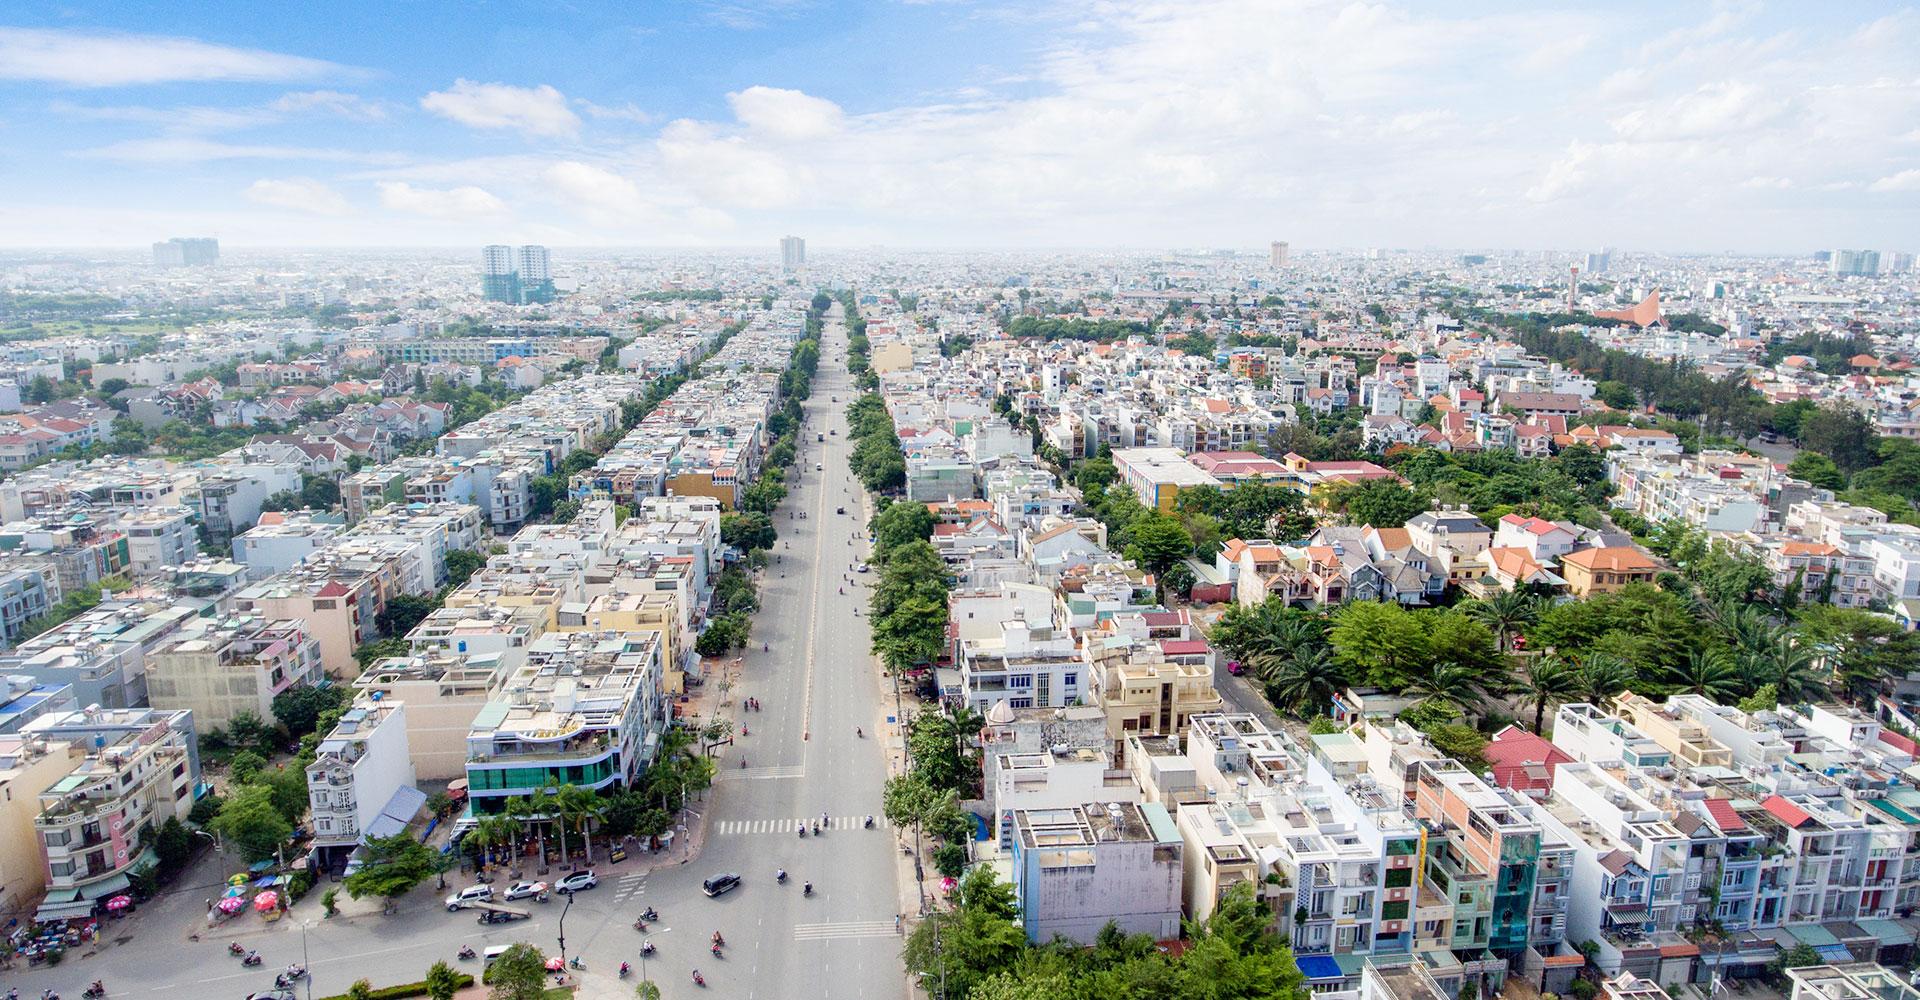 Khu dân cư kiểu mẫu Tên Lửa quận Bình Tân đẫ được qui hoạch đồng bộ về cơ sở hạ tầng.